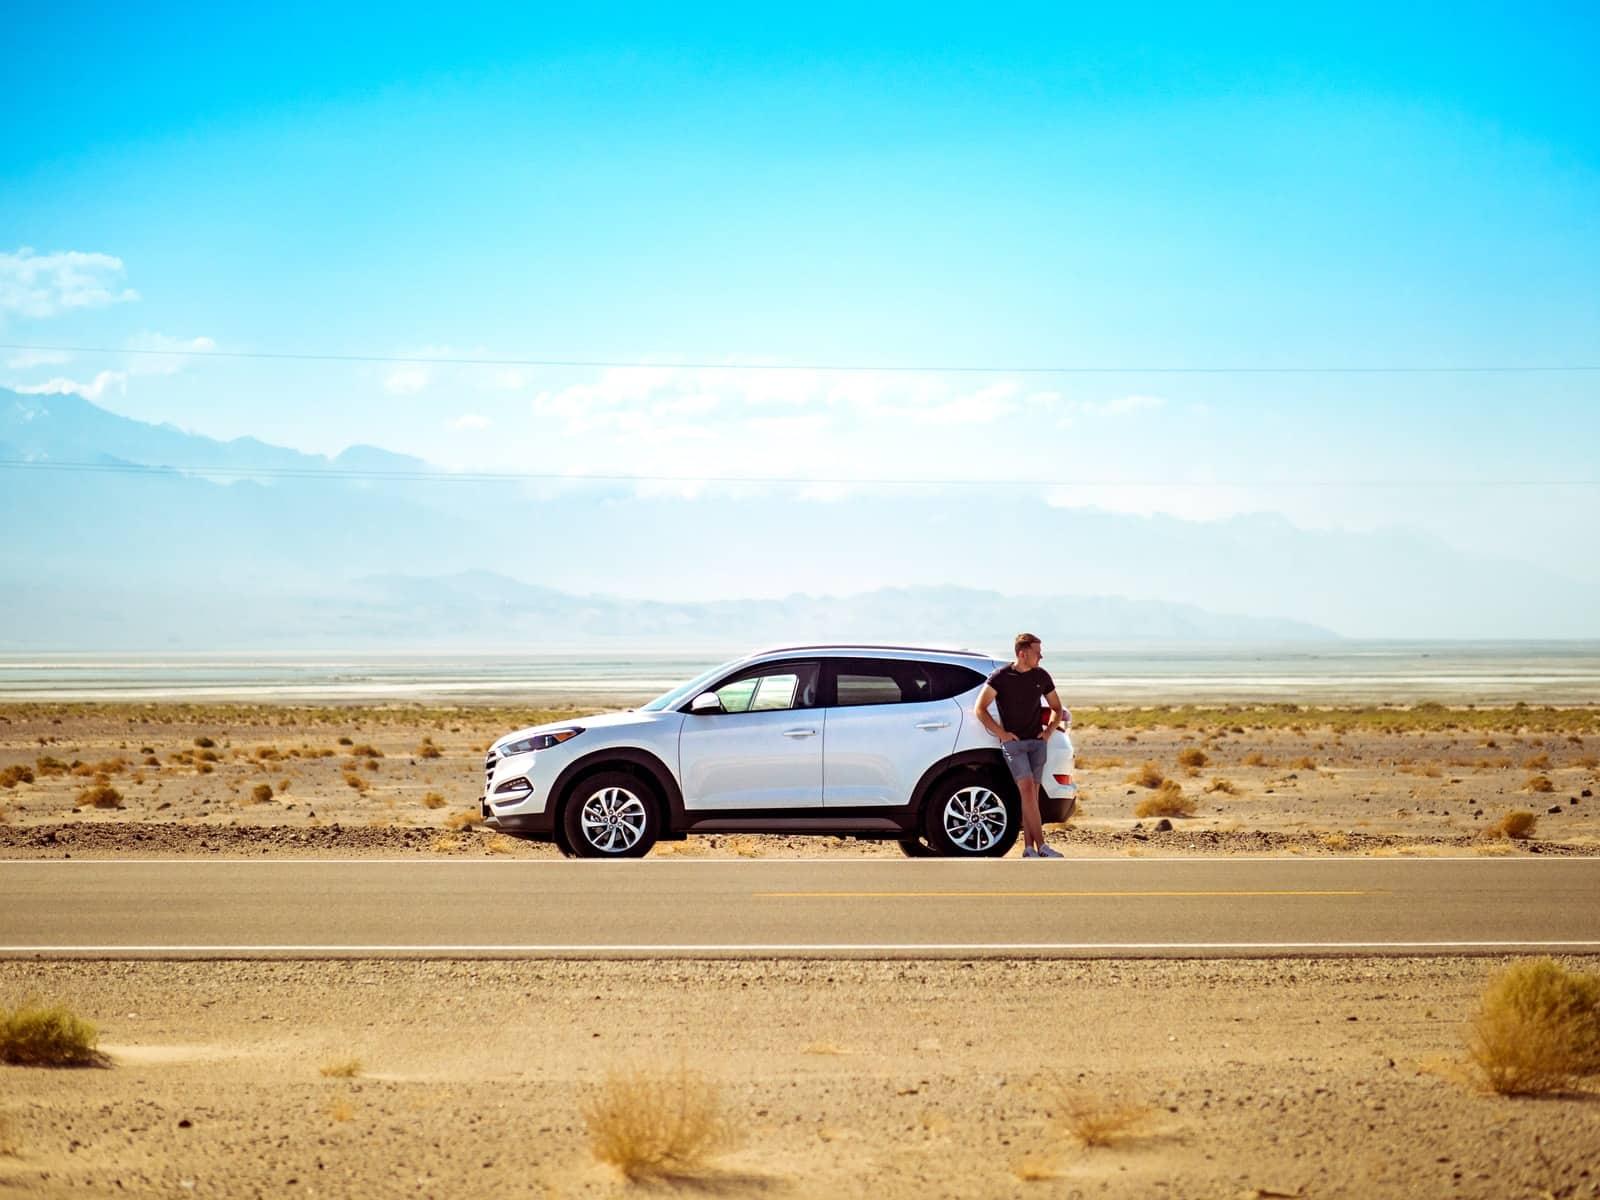 ¿Qué hacer si se te avería el coche en medio de la carretera?